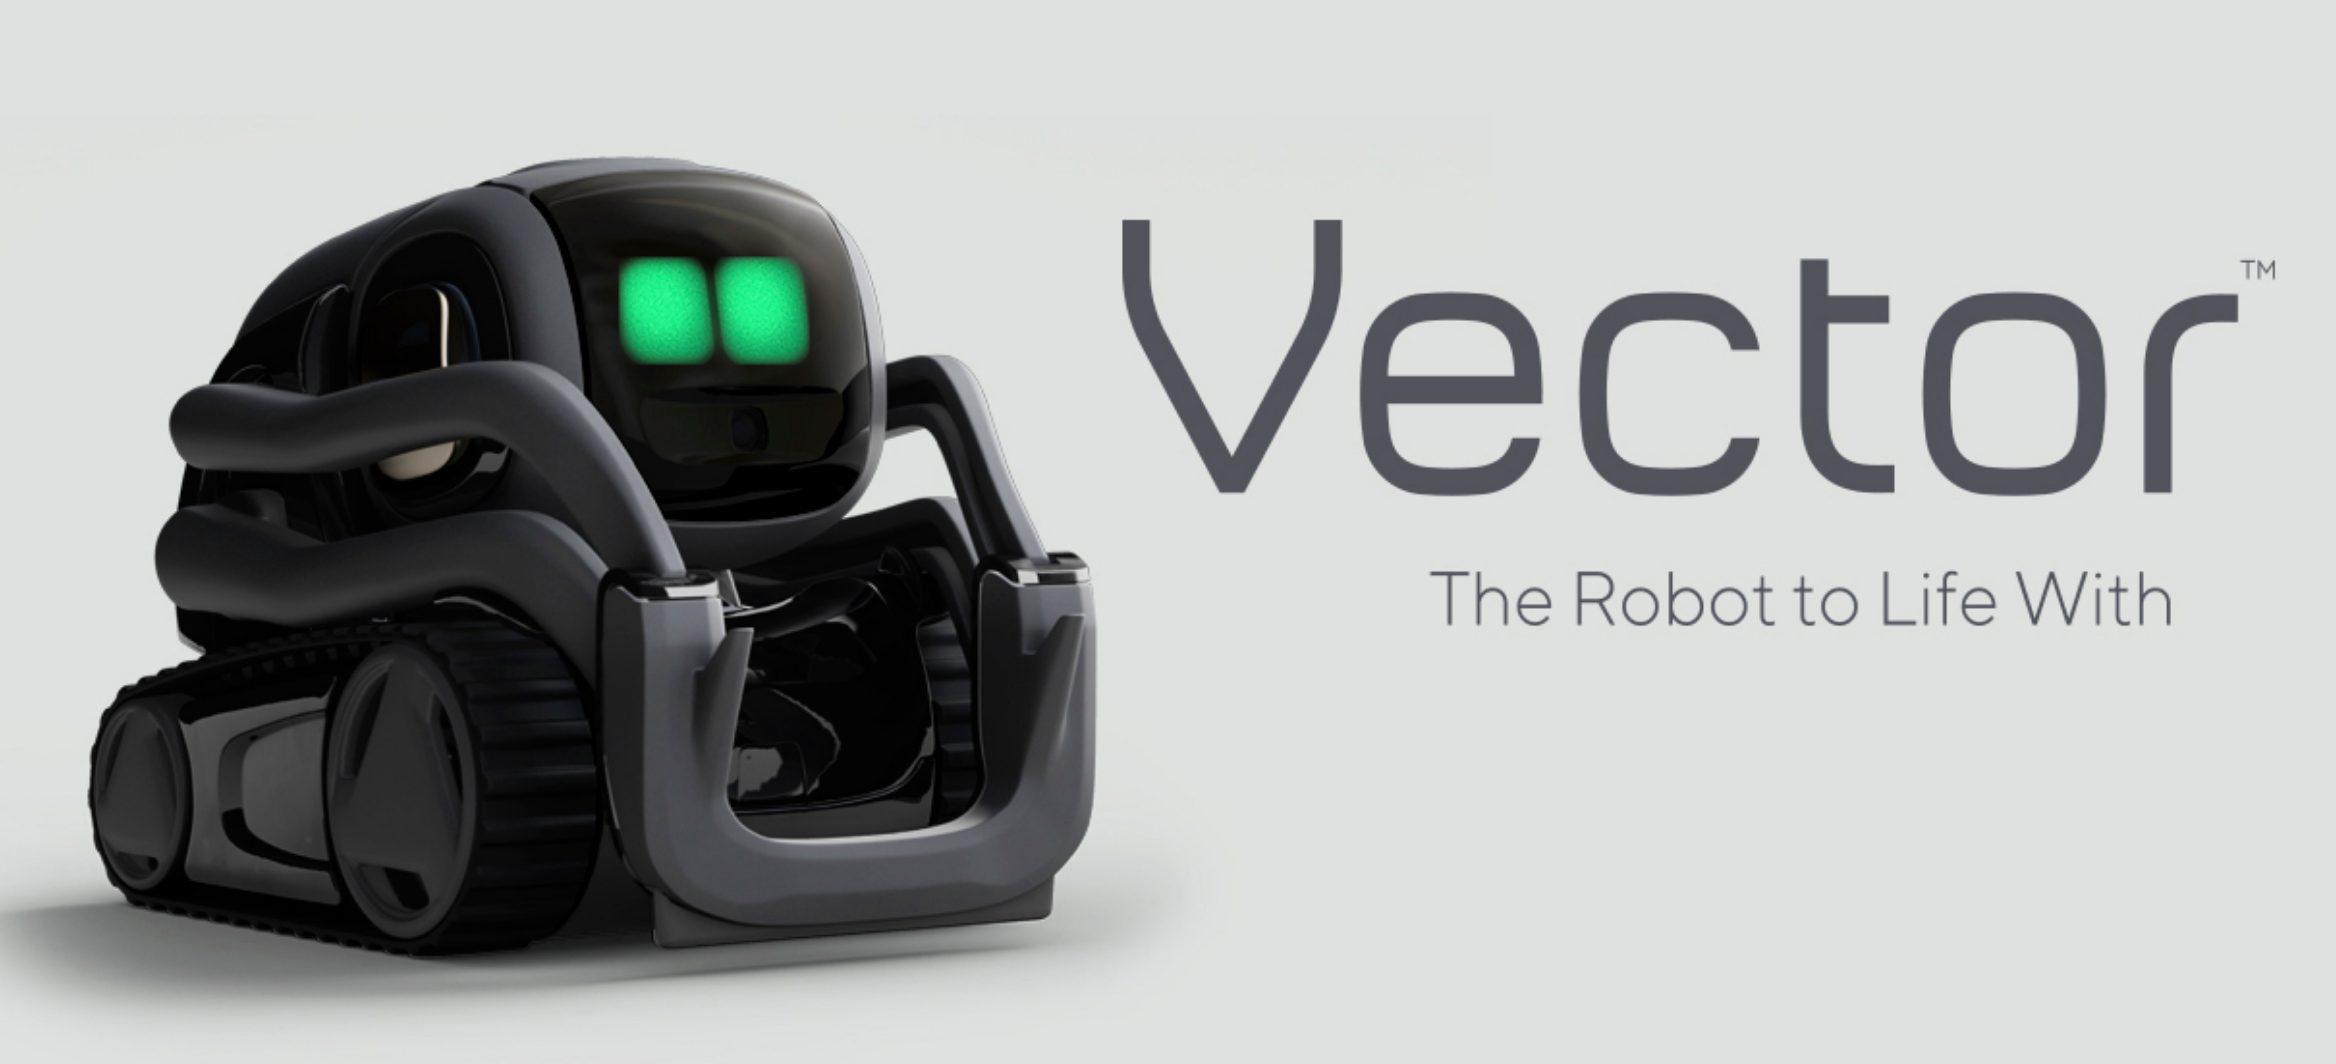 ANKI's Robot Vector